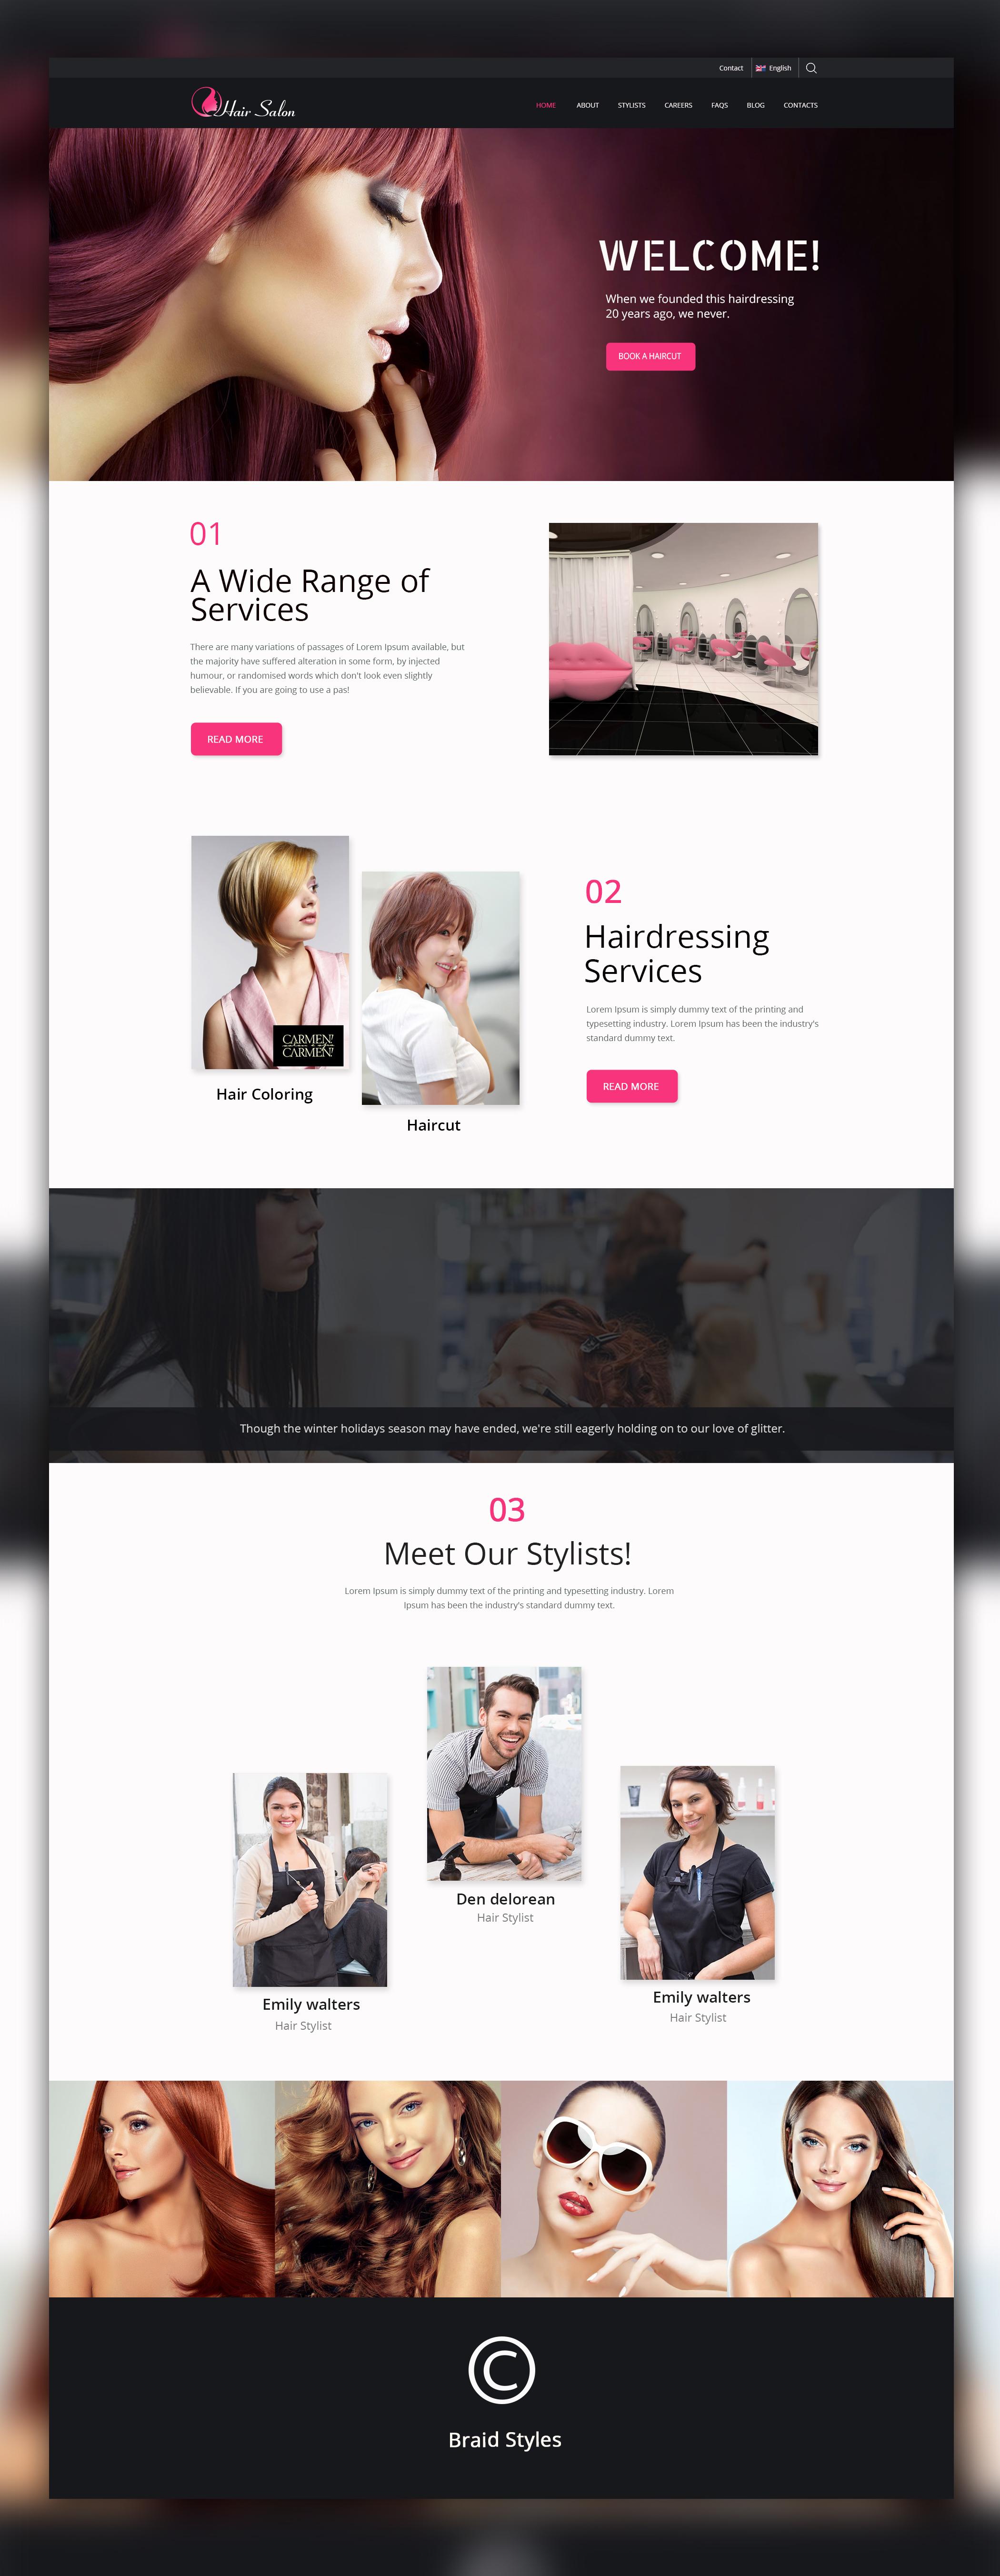 beauty salon website template UI (2)